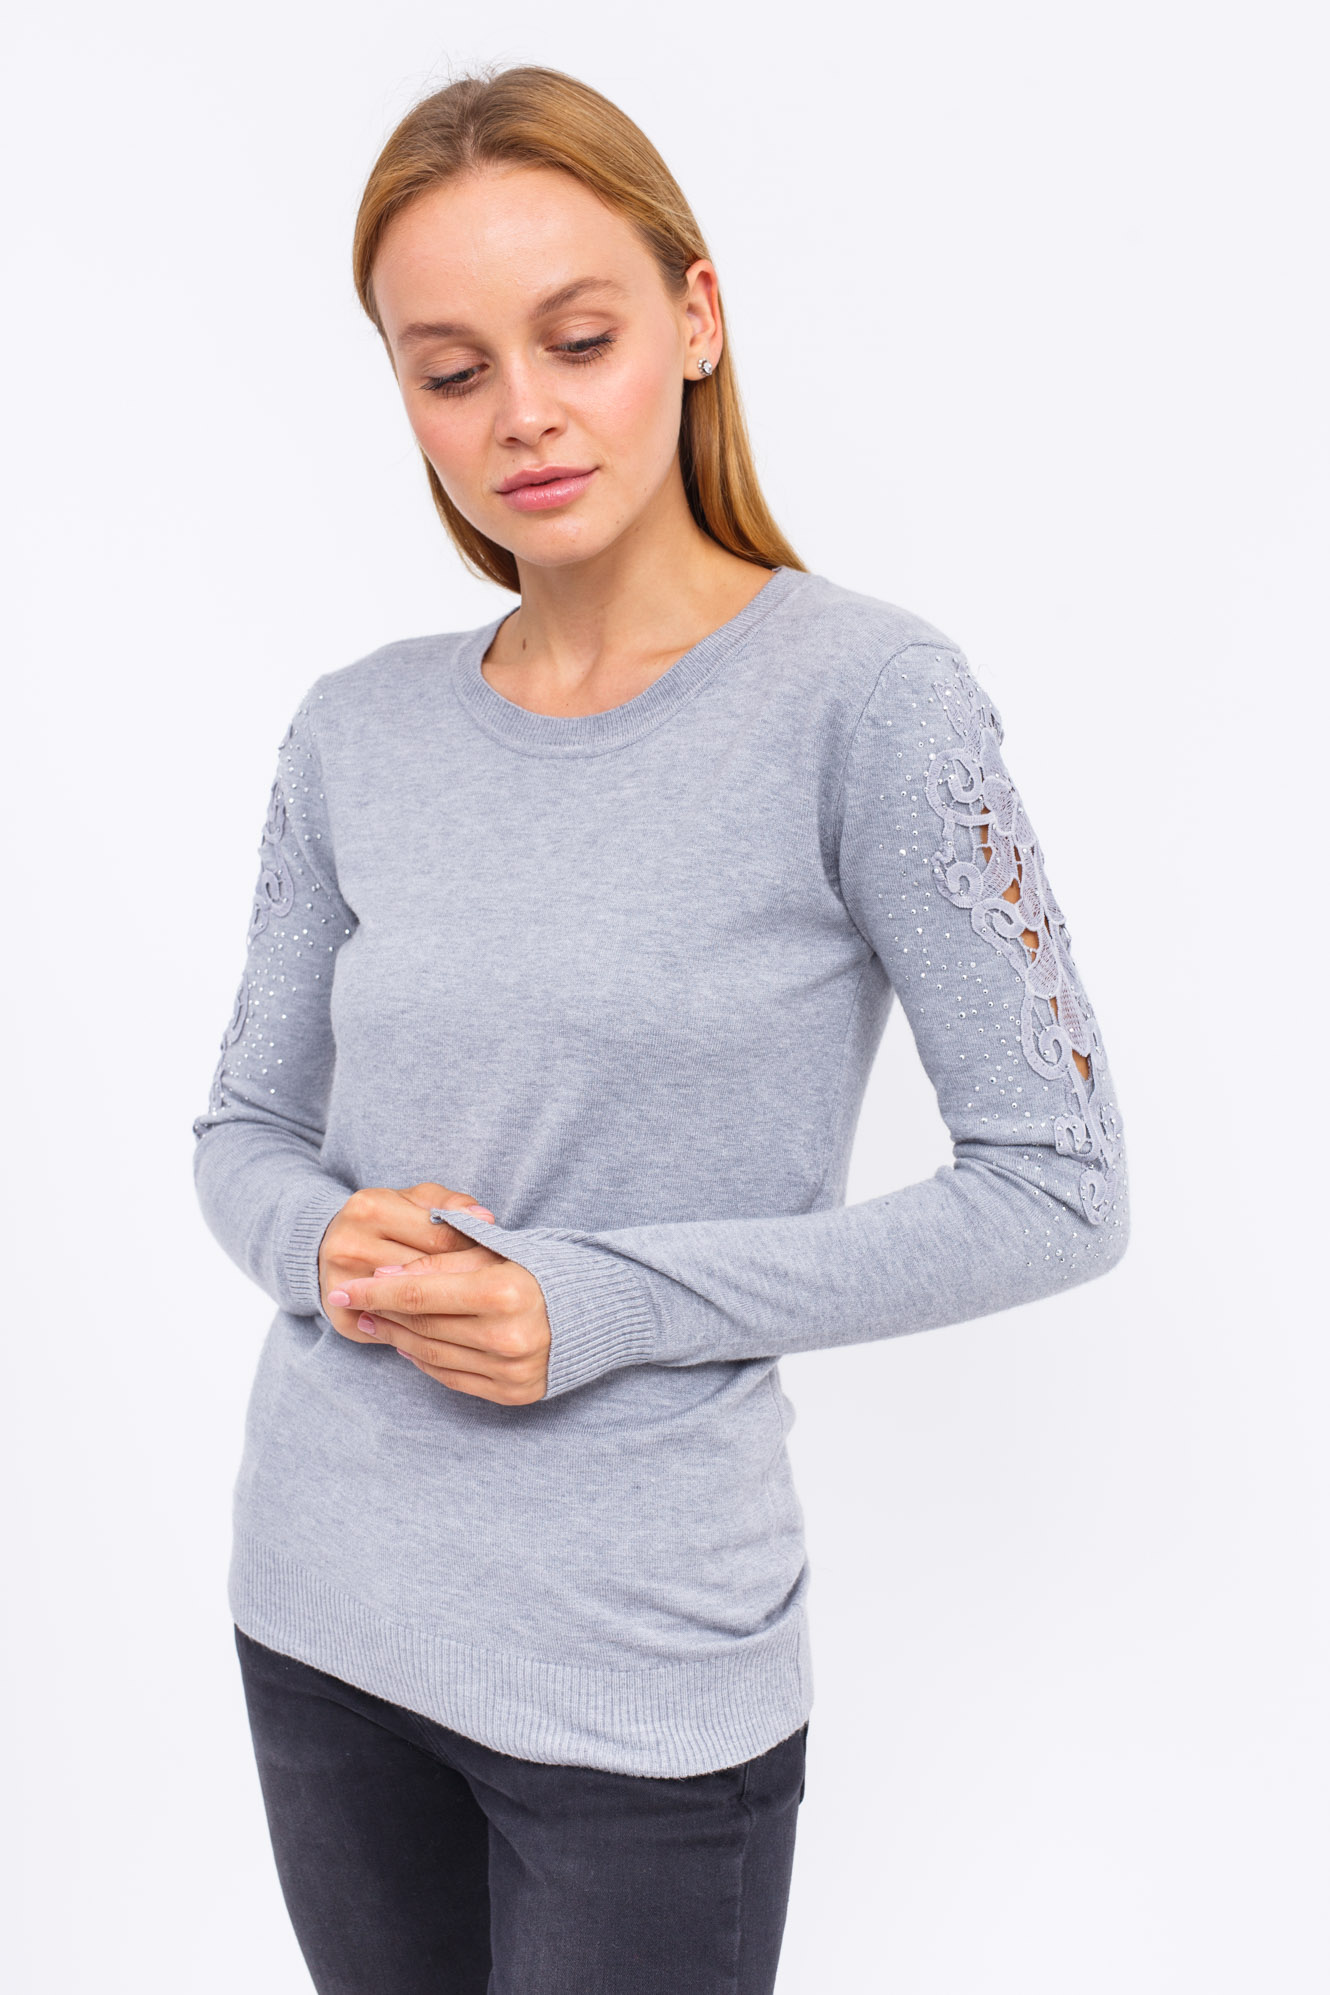 Джемпер с кружевом и блестящими мелкими заклепками на рукавах LUREX - серый цвет